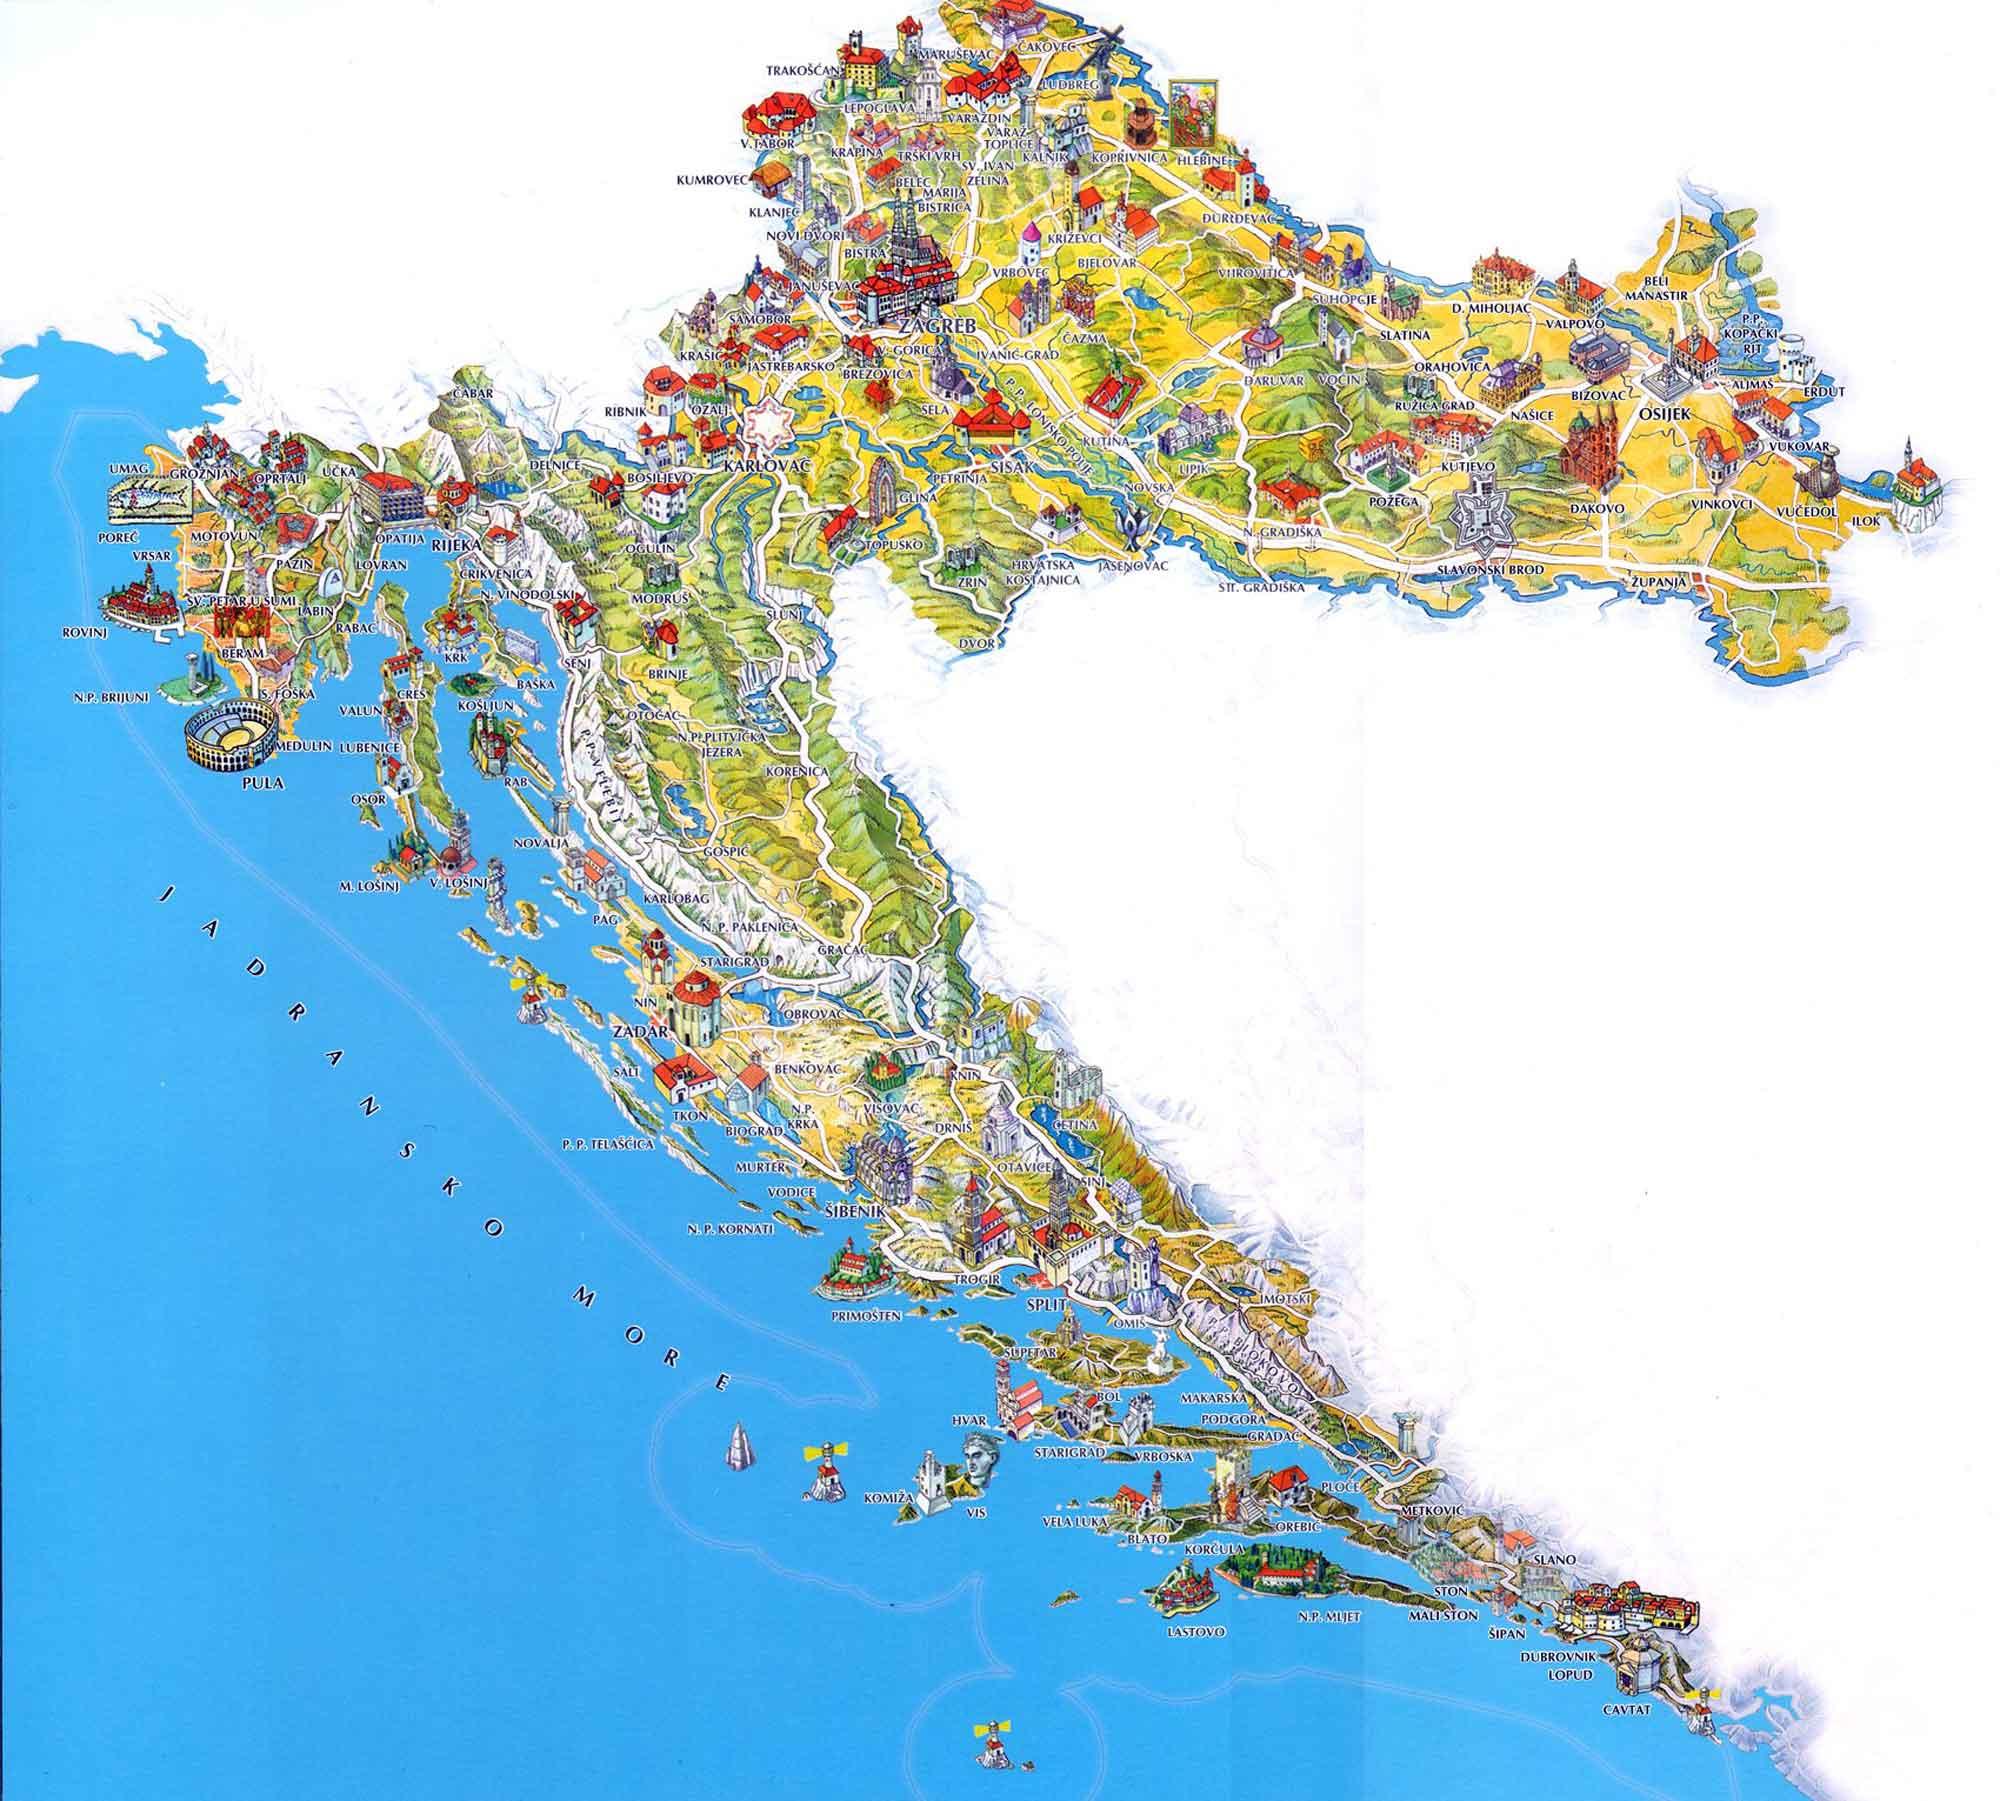 Туристическая карта Хорватии с достопримечательностями, курортами и островами.